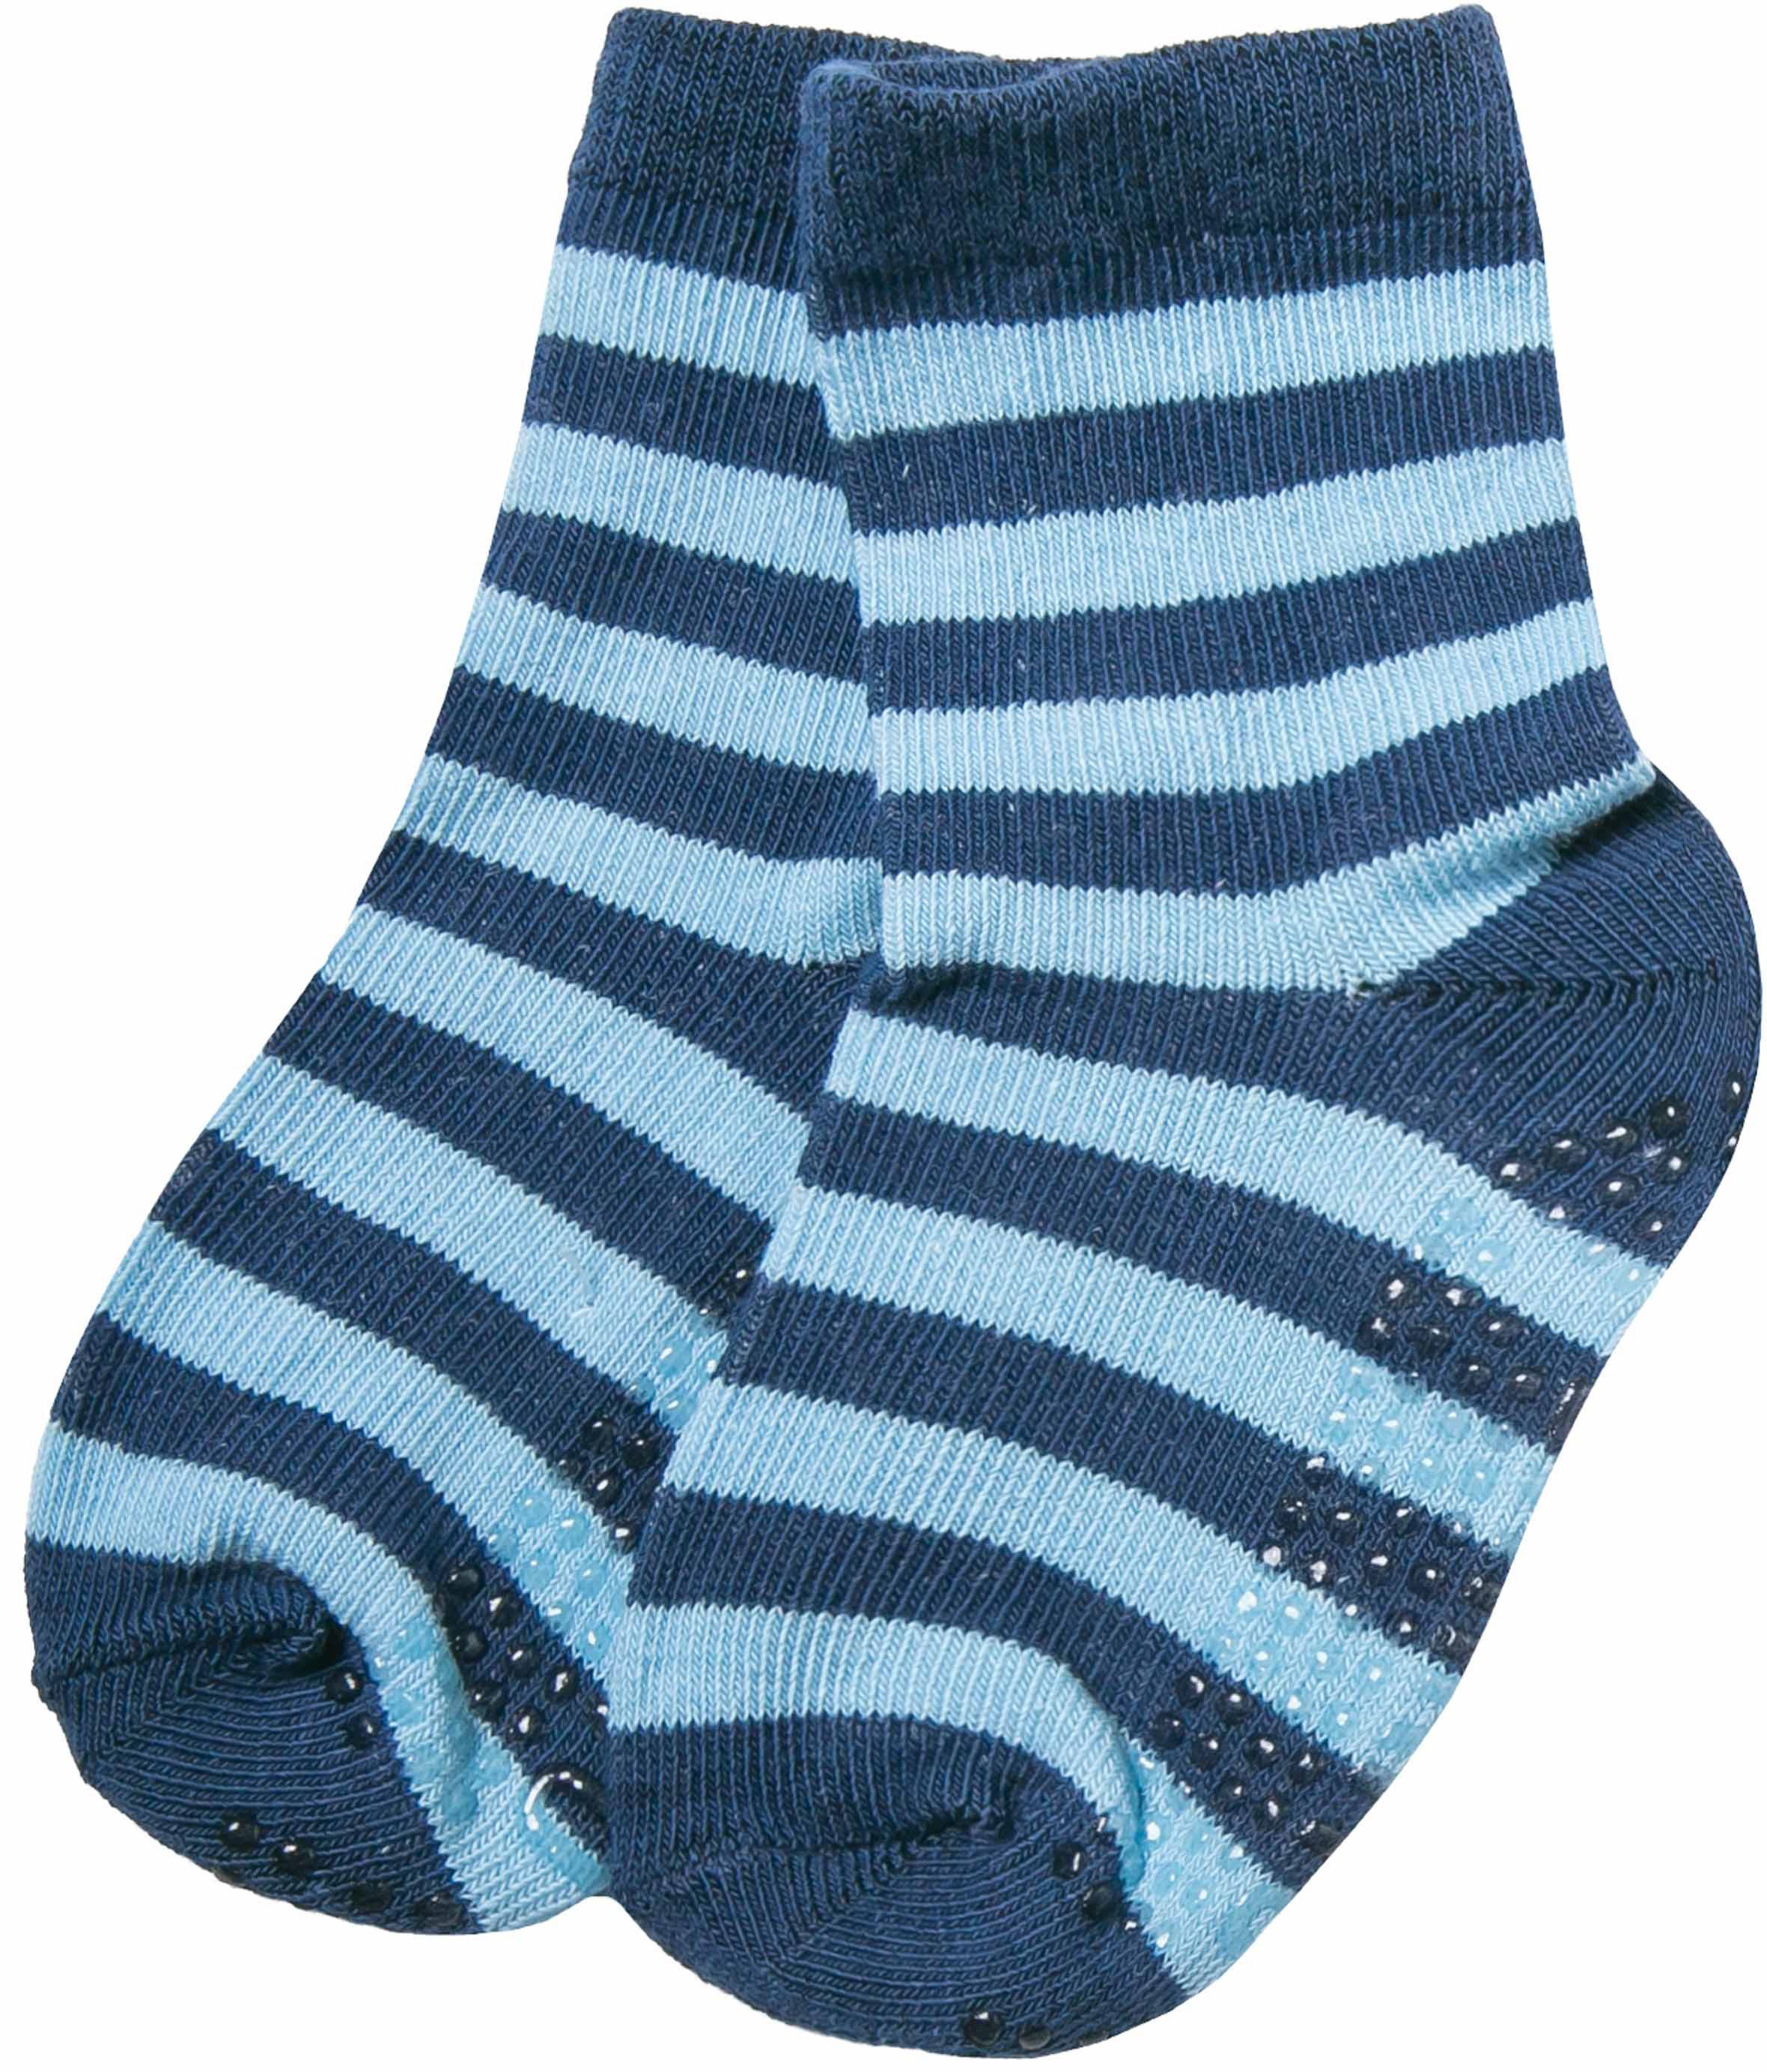 Купить Носки антискользящие для мальчика Barkito, синие с рисунком в полоску, Китай, синий с рисунком в полоску, Мужской